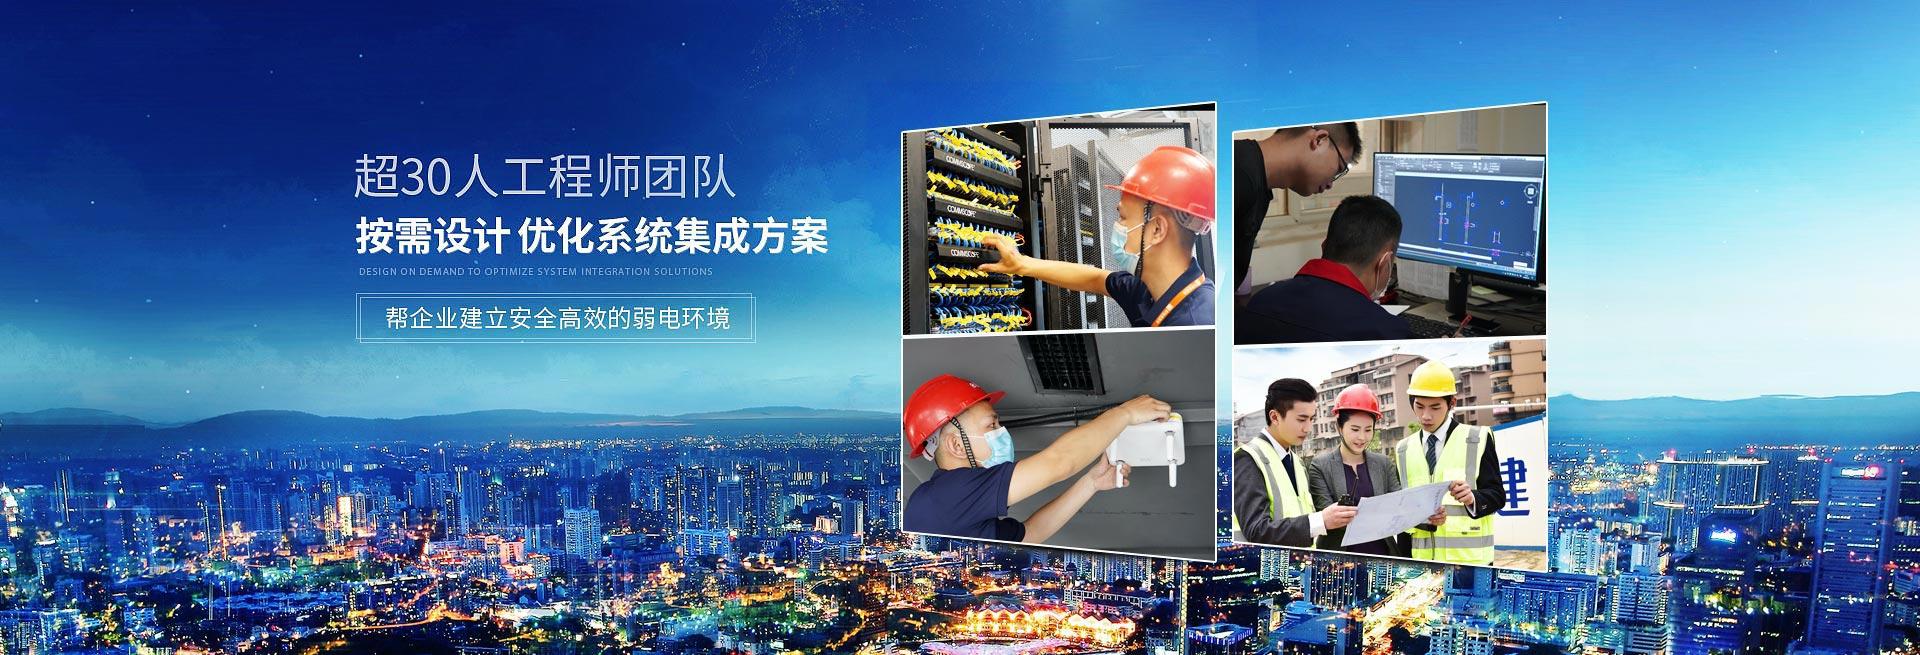 欣荣泰-超30人工程师团队,按需设计,优化系统集成方案